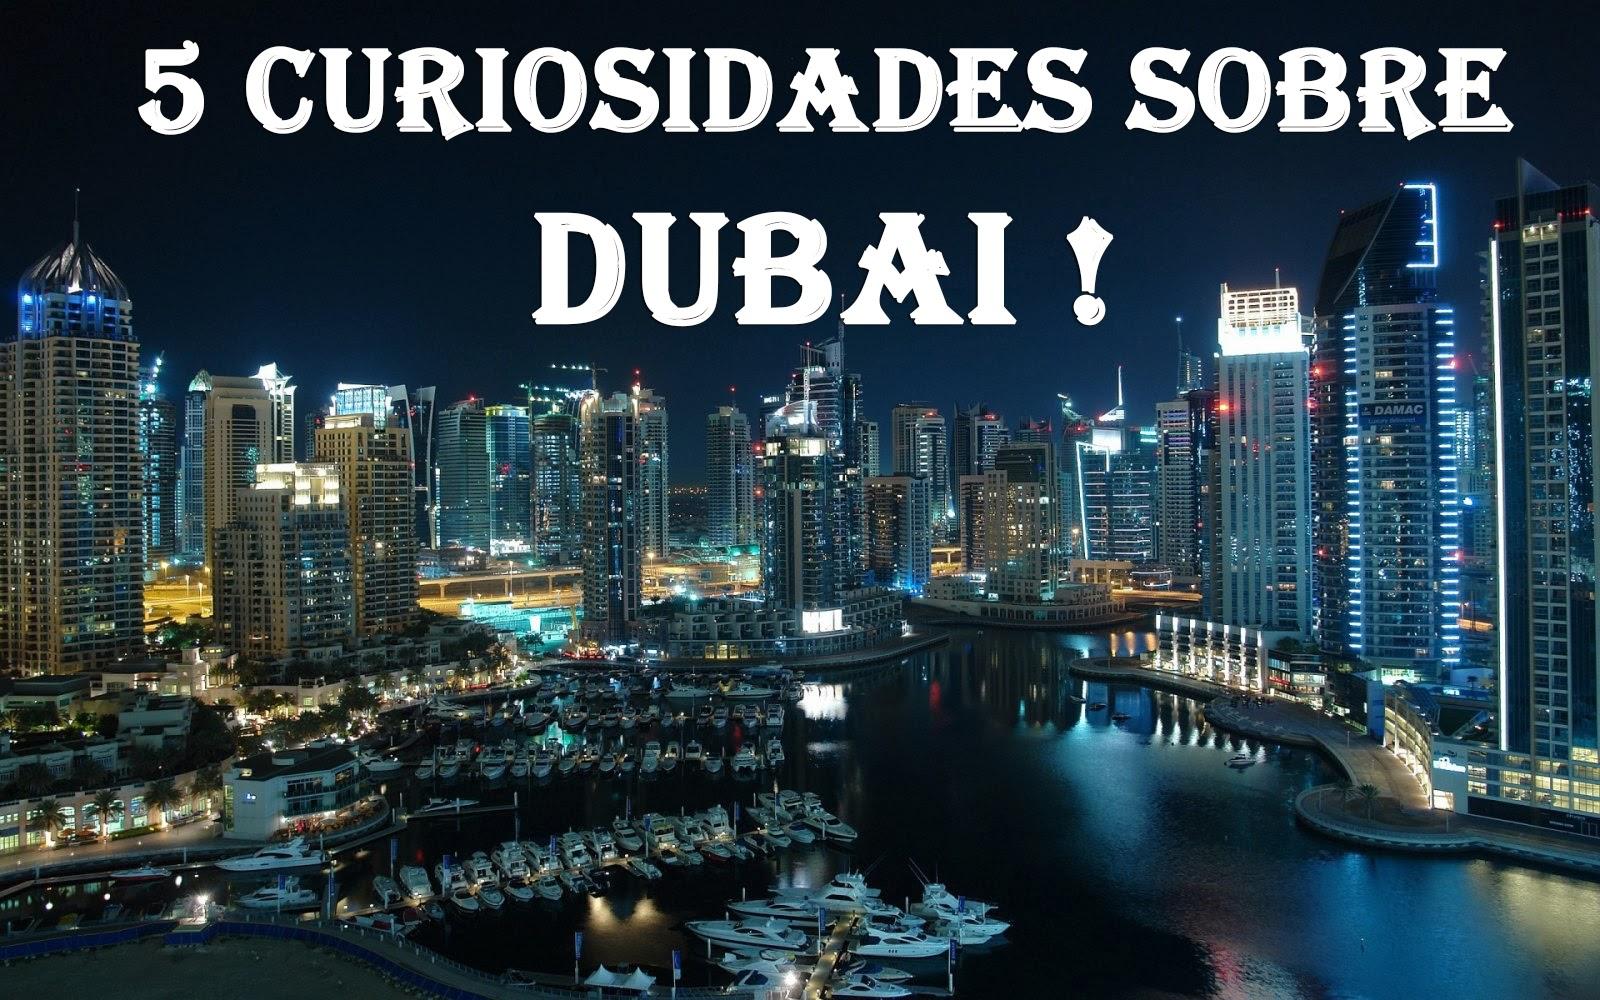 O tiozim marrento 5 curiosidades sobre a cidade de dubai for Videos dubai